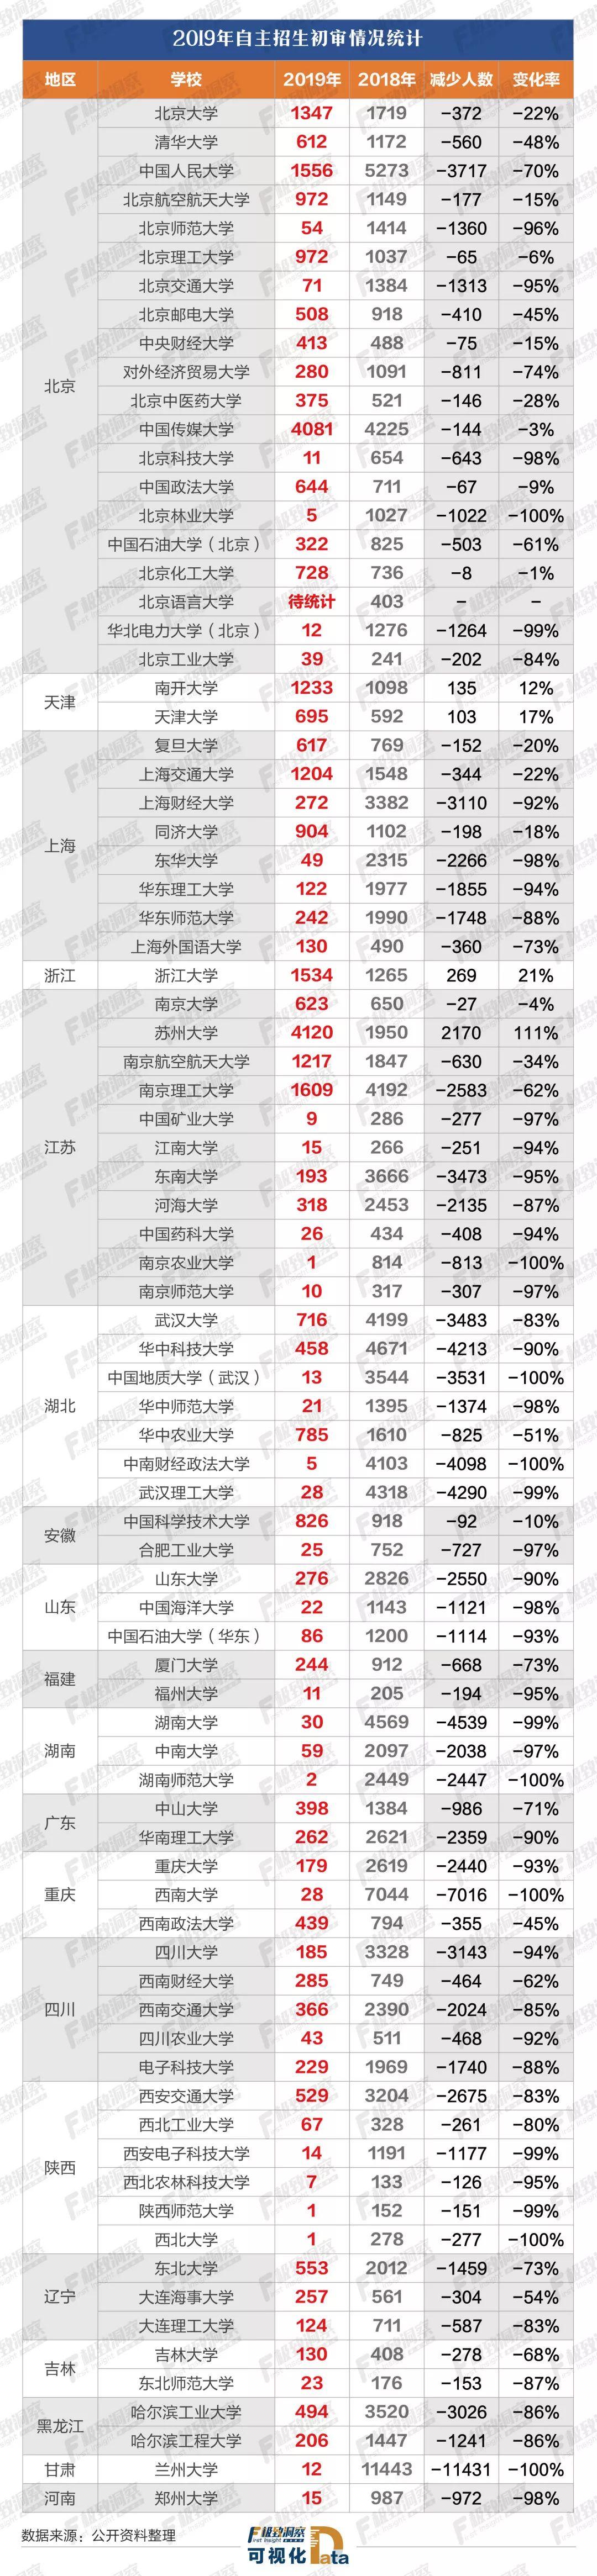 """初审人数锐减超70%,自主招生回归""""尖子生""""游戏999朵玫瑰代表什么"""